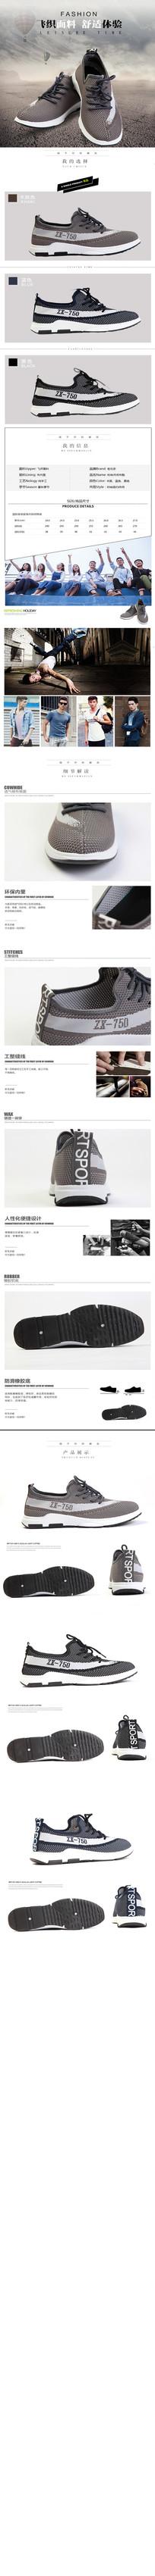 老北京布鞋详情页